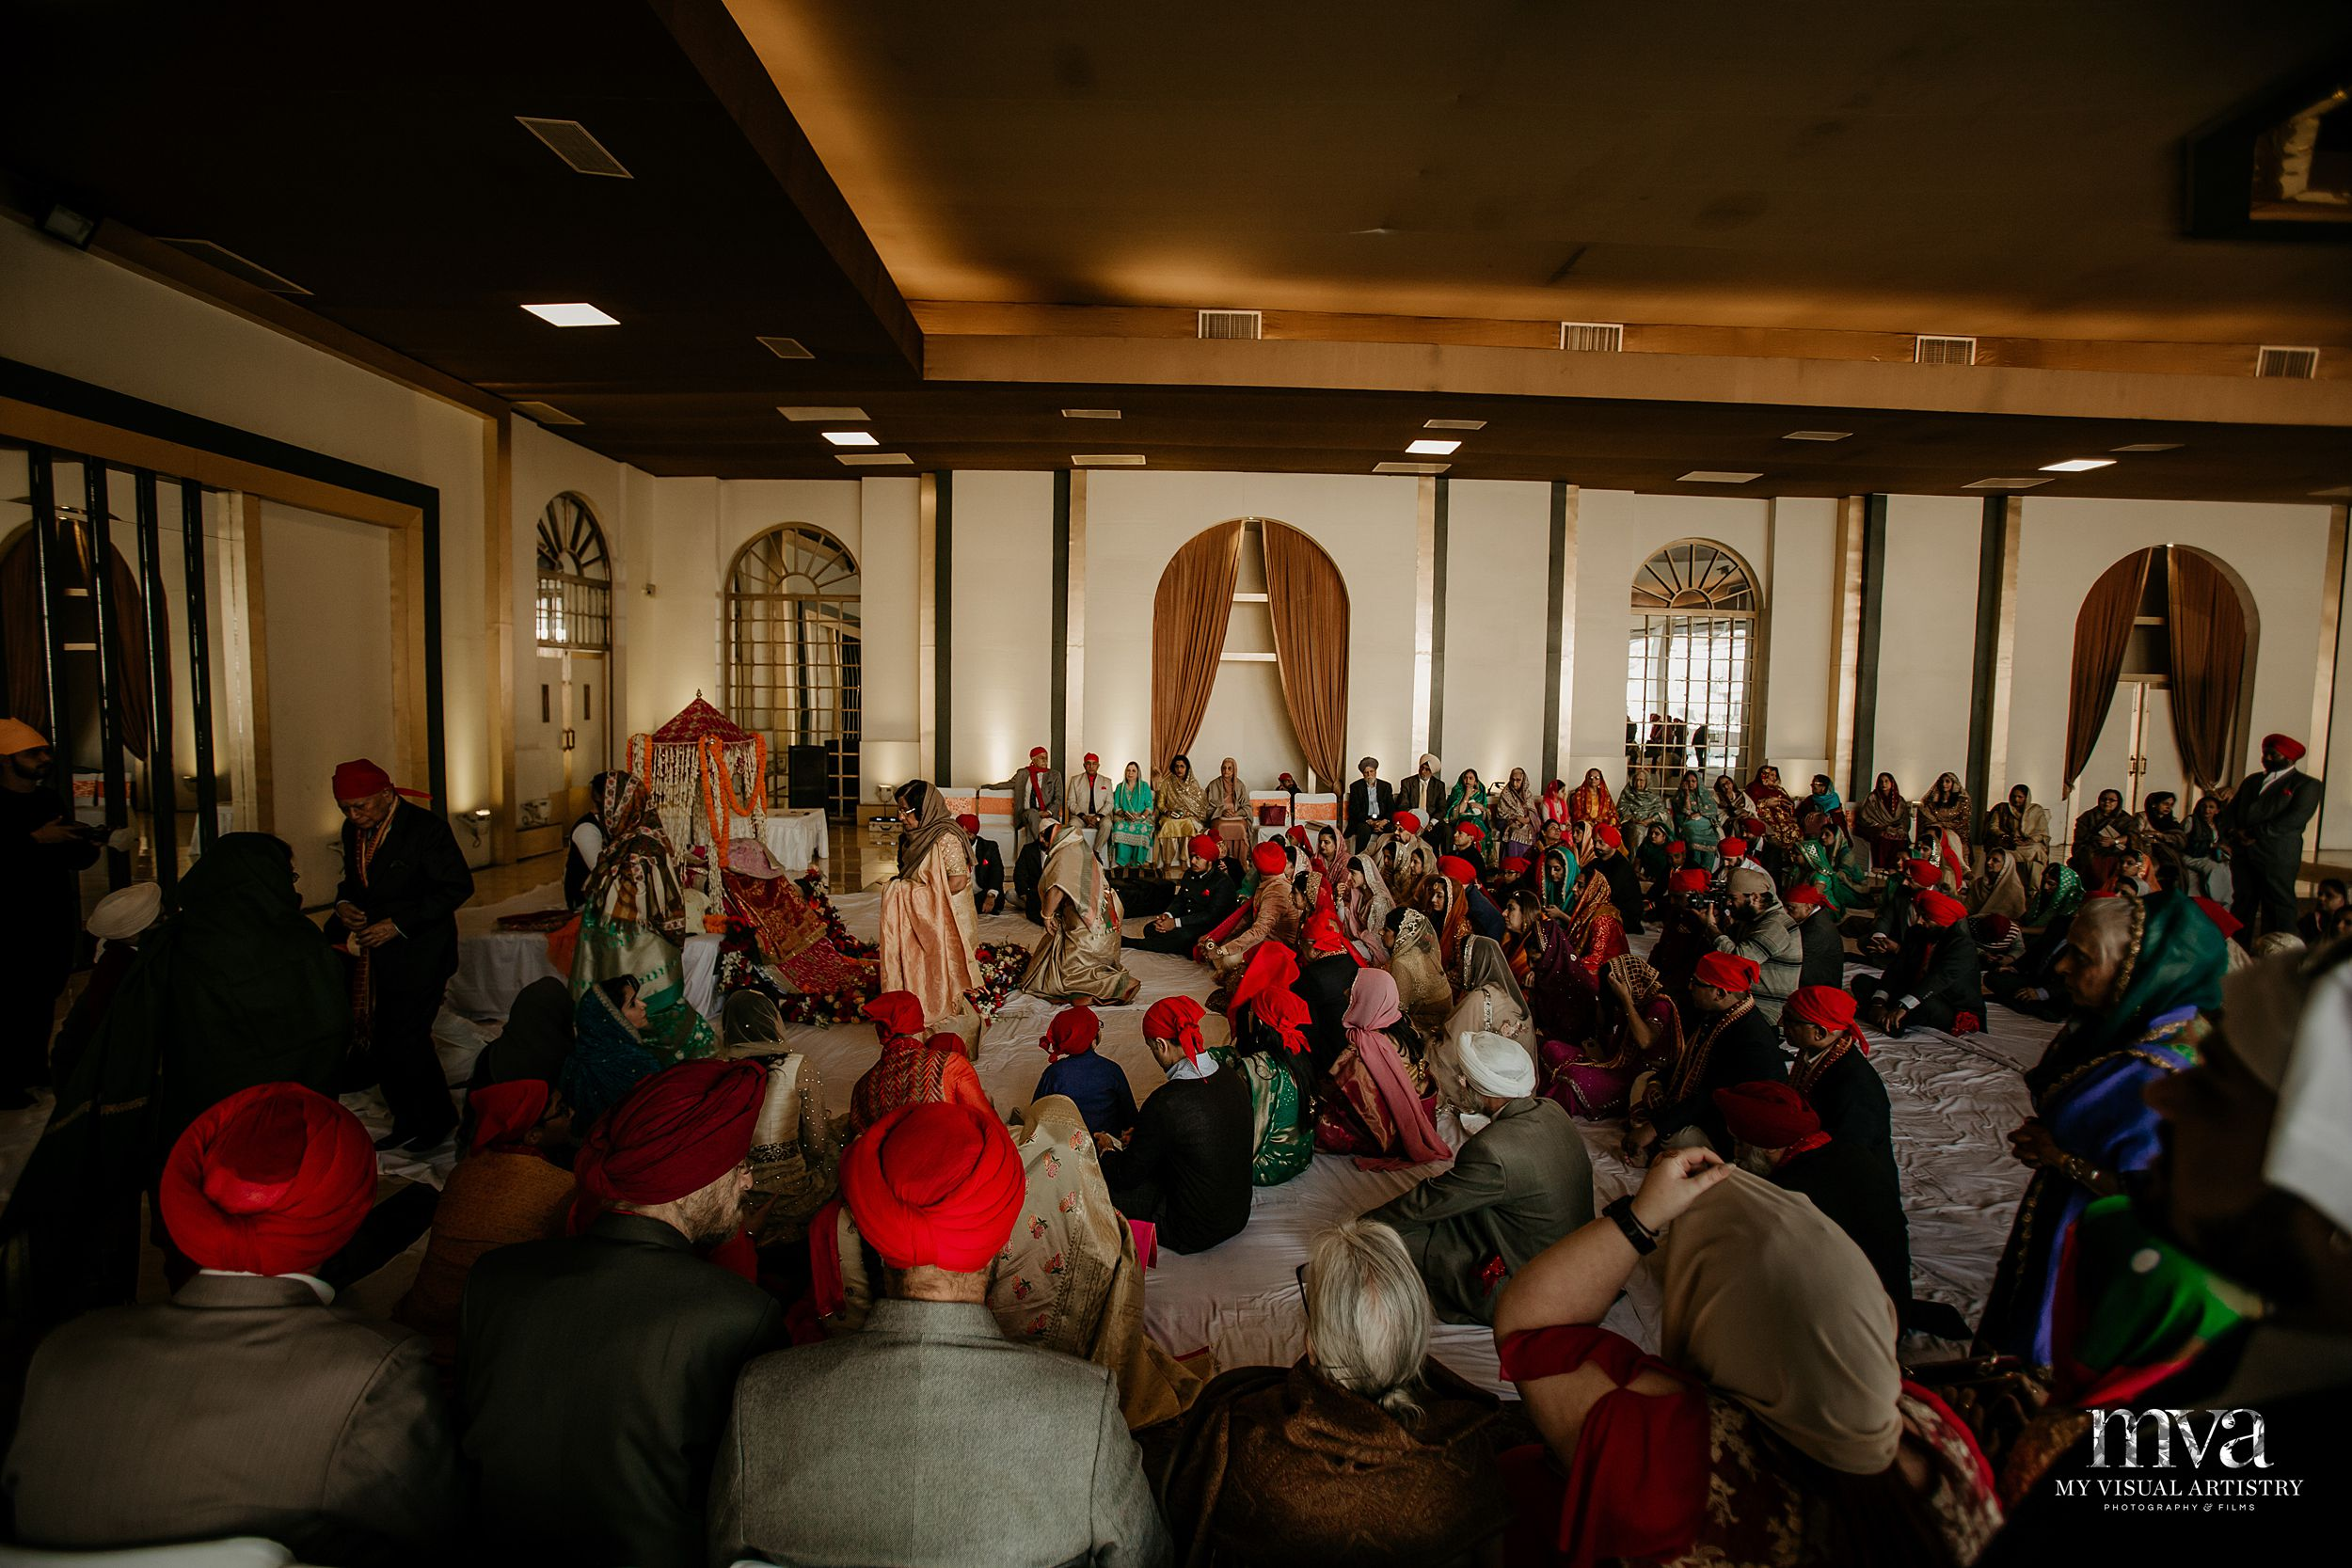 anant_arundhati_myvisualartistry_mva_wedding_sikh_ - 344.jpg